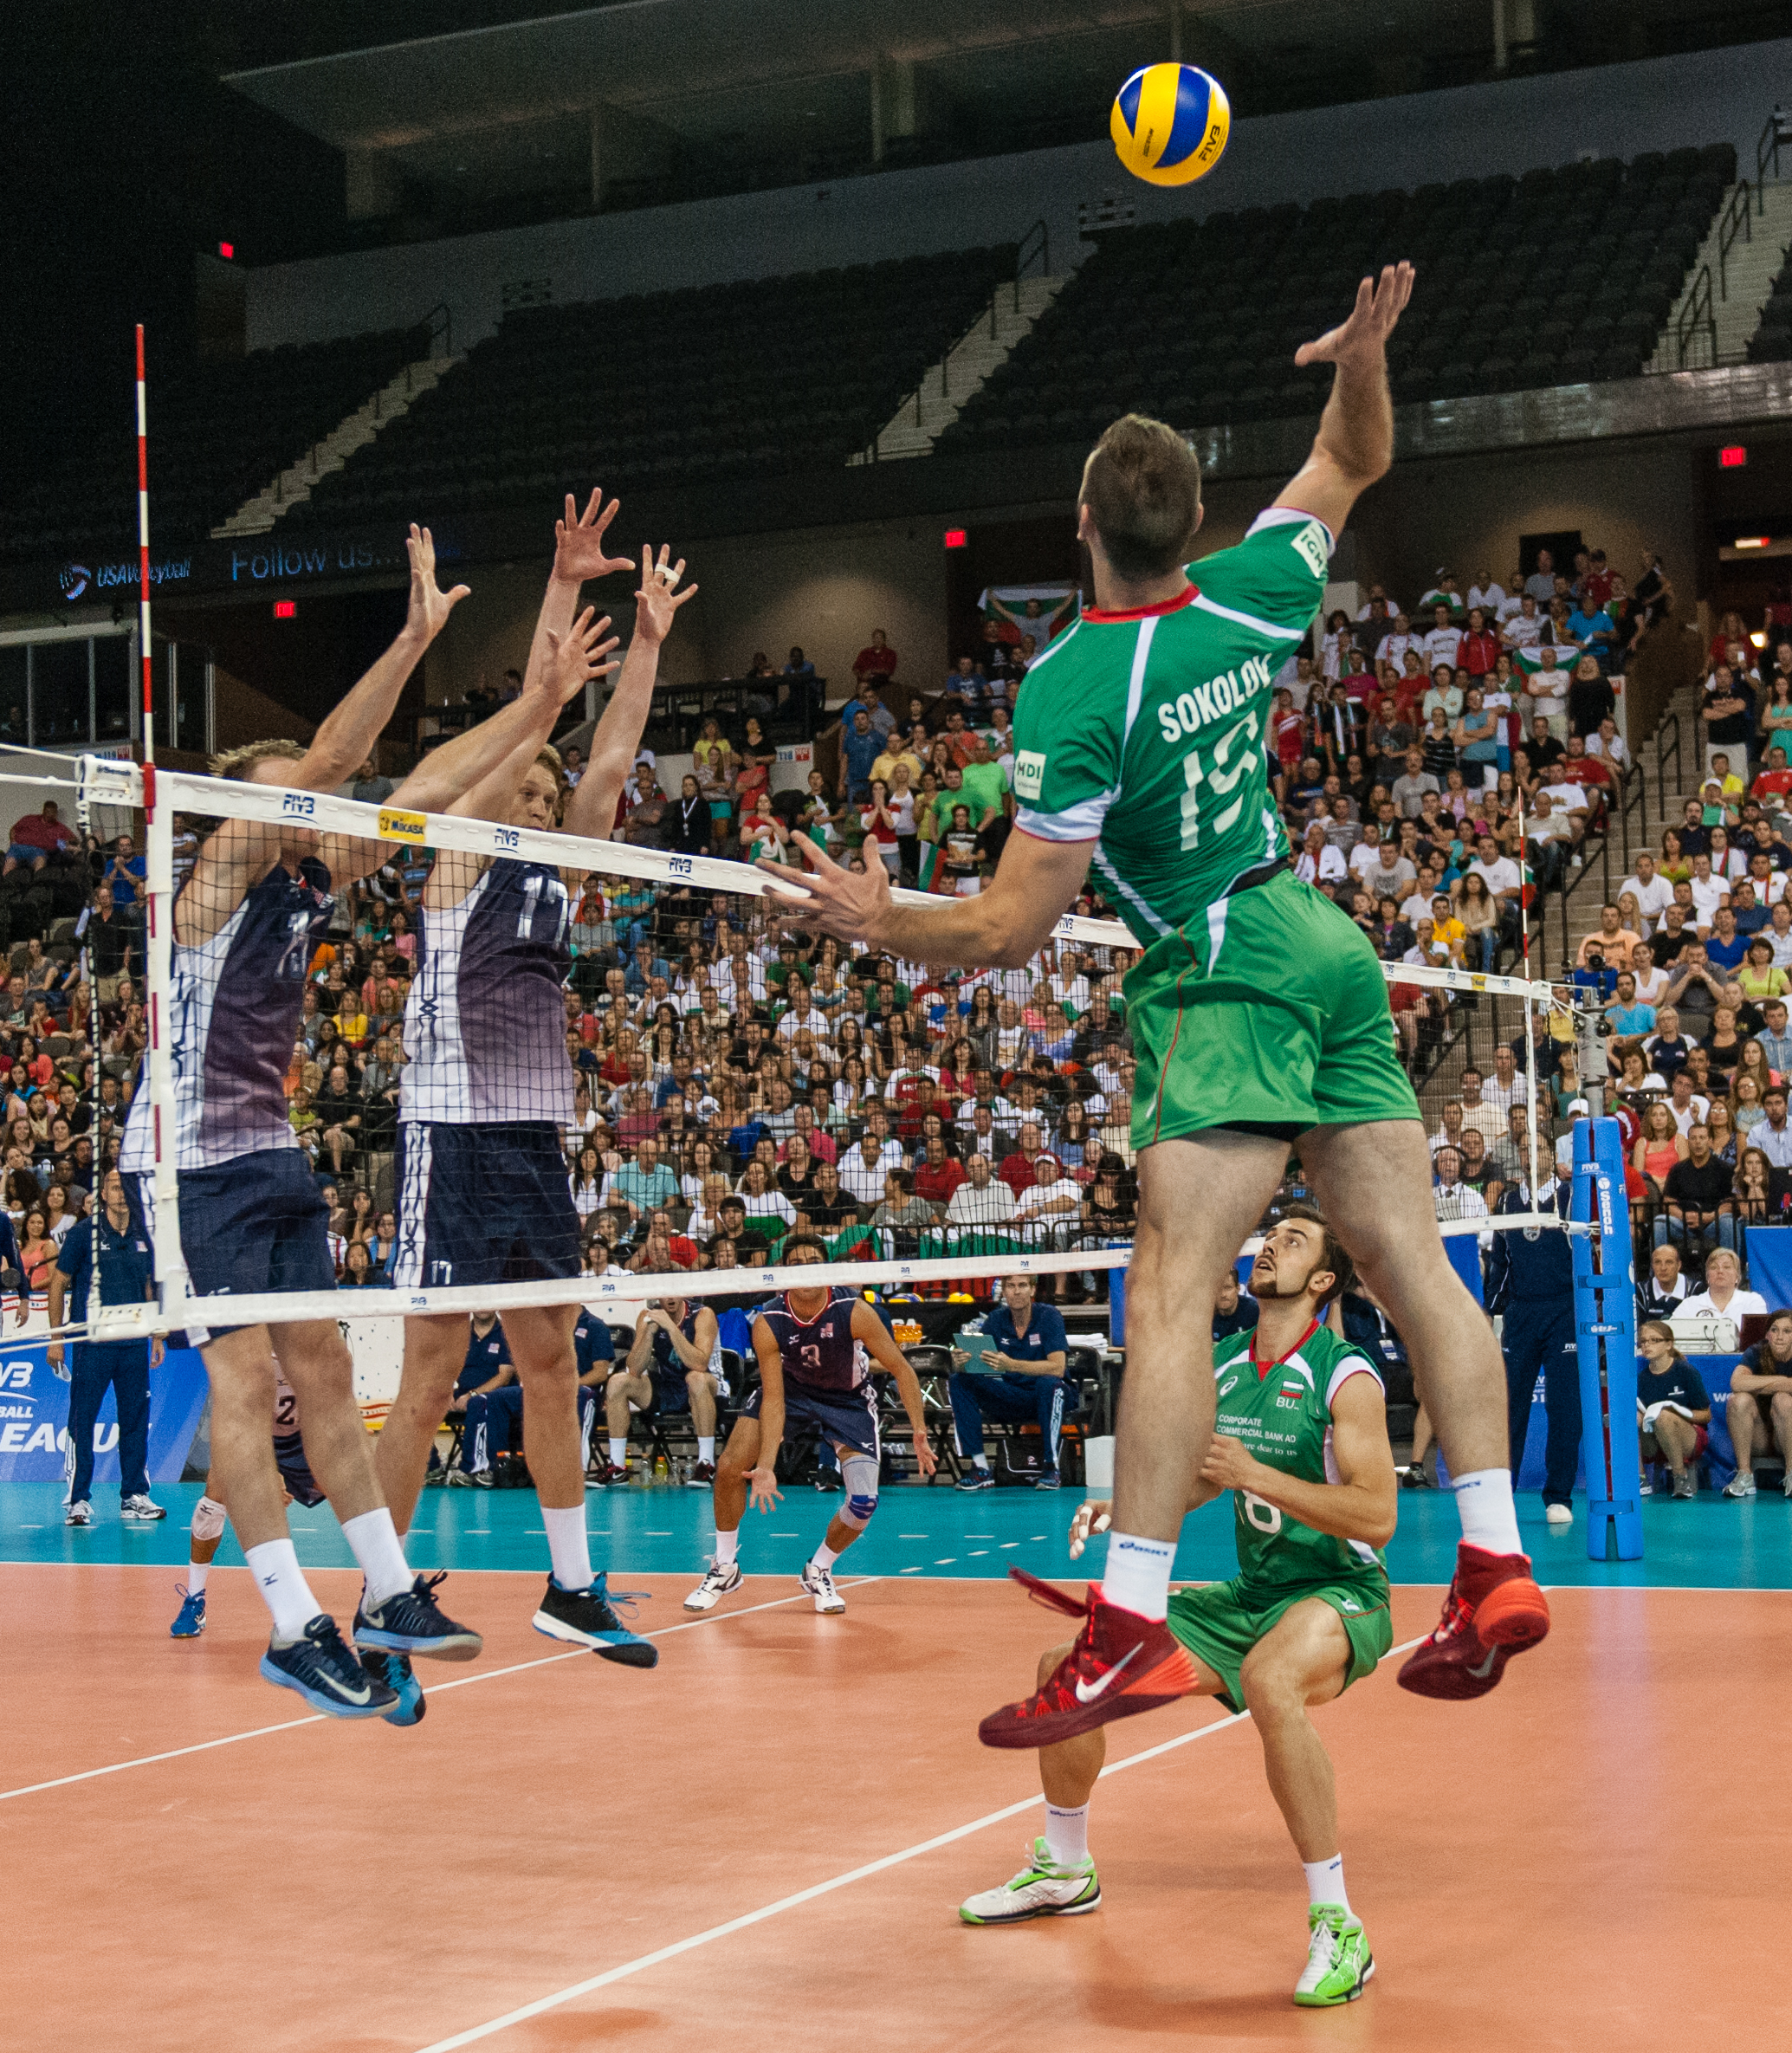 България с първа победа в Световната лига